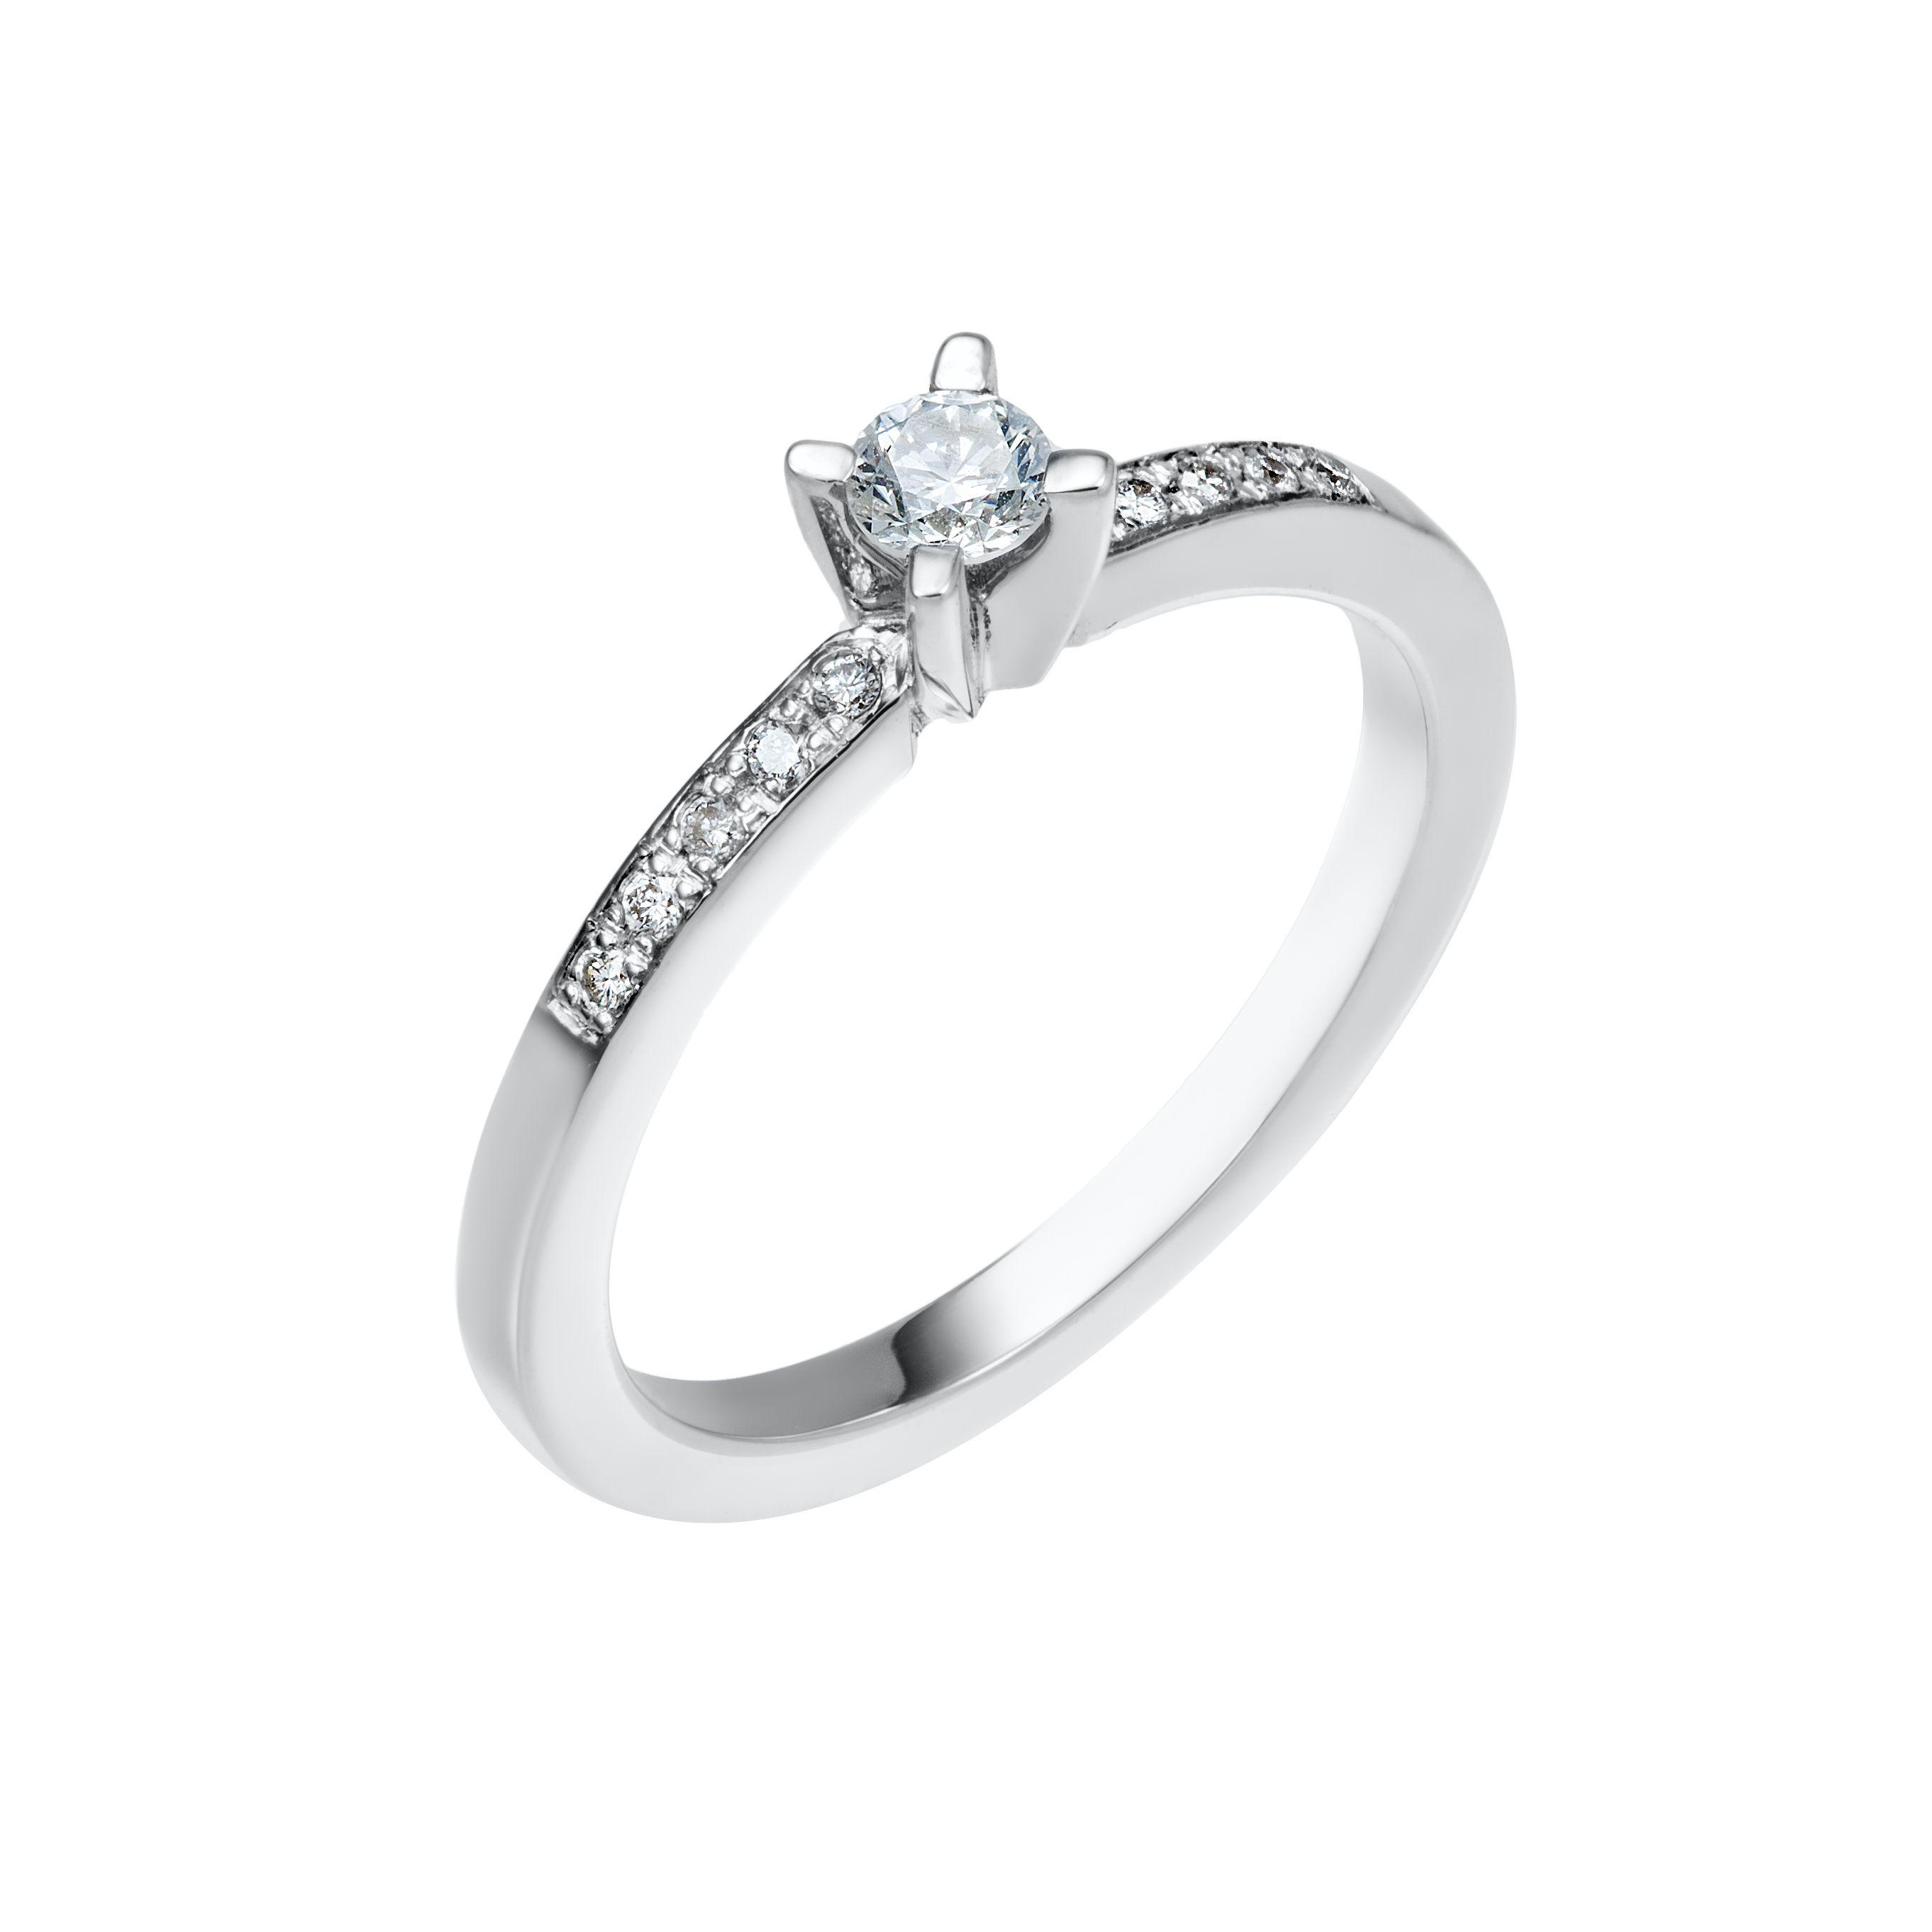 ΜΟΝΟΠΕΤΡΟ δαχτυλίδι με διαμάντια - Seferos 0c7c6cfe6e8